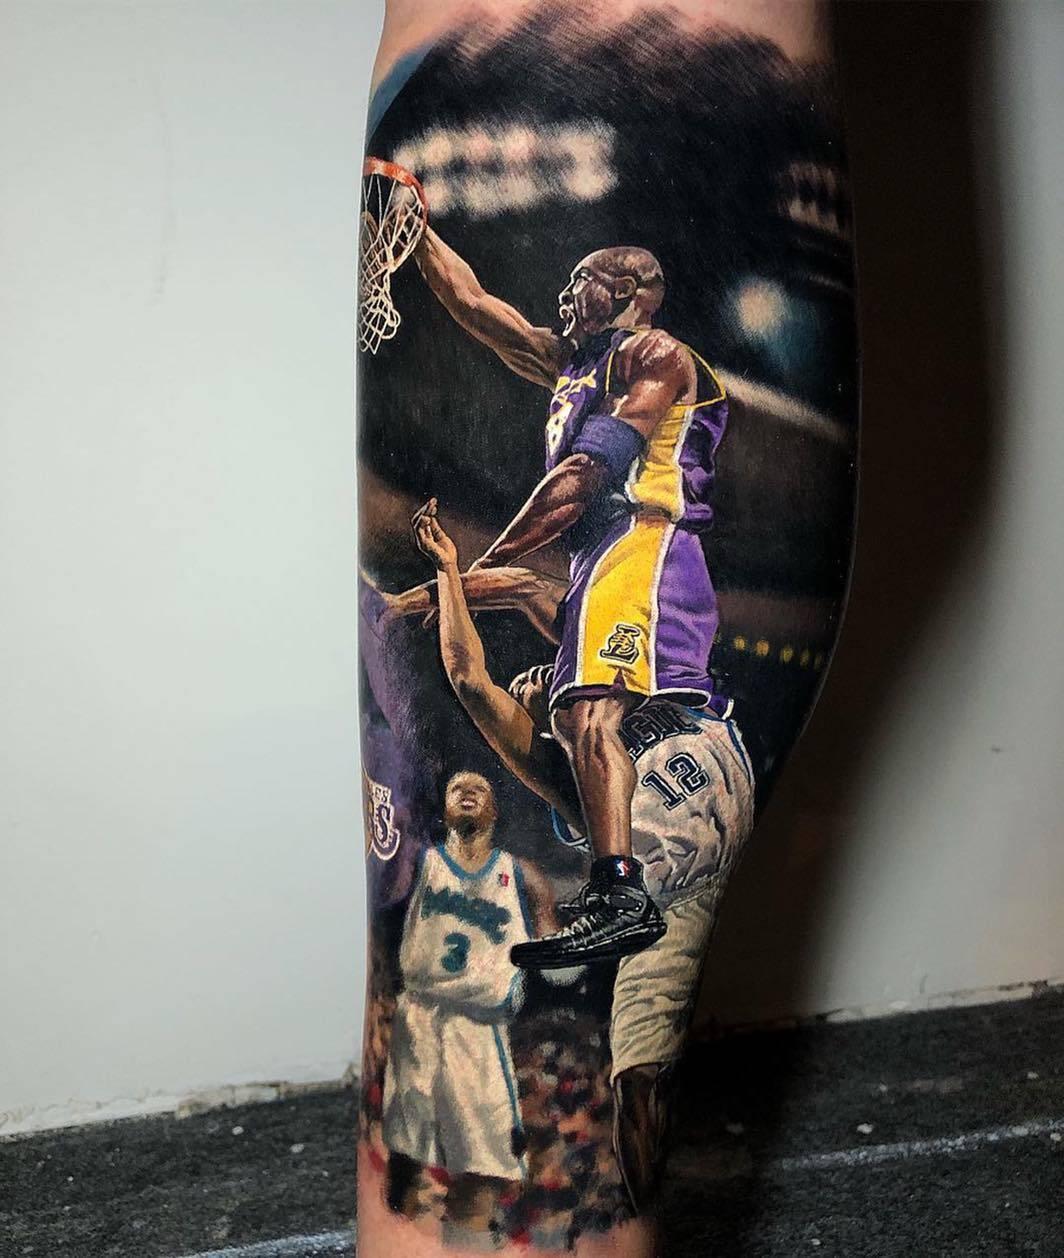 The NBA legends tattoo